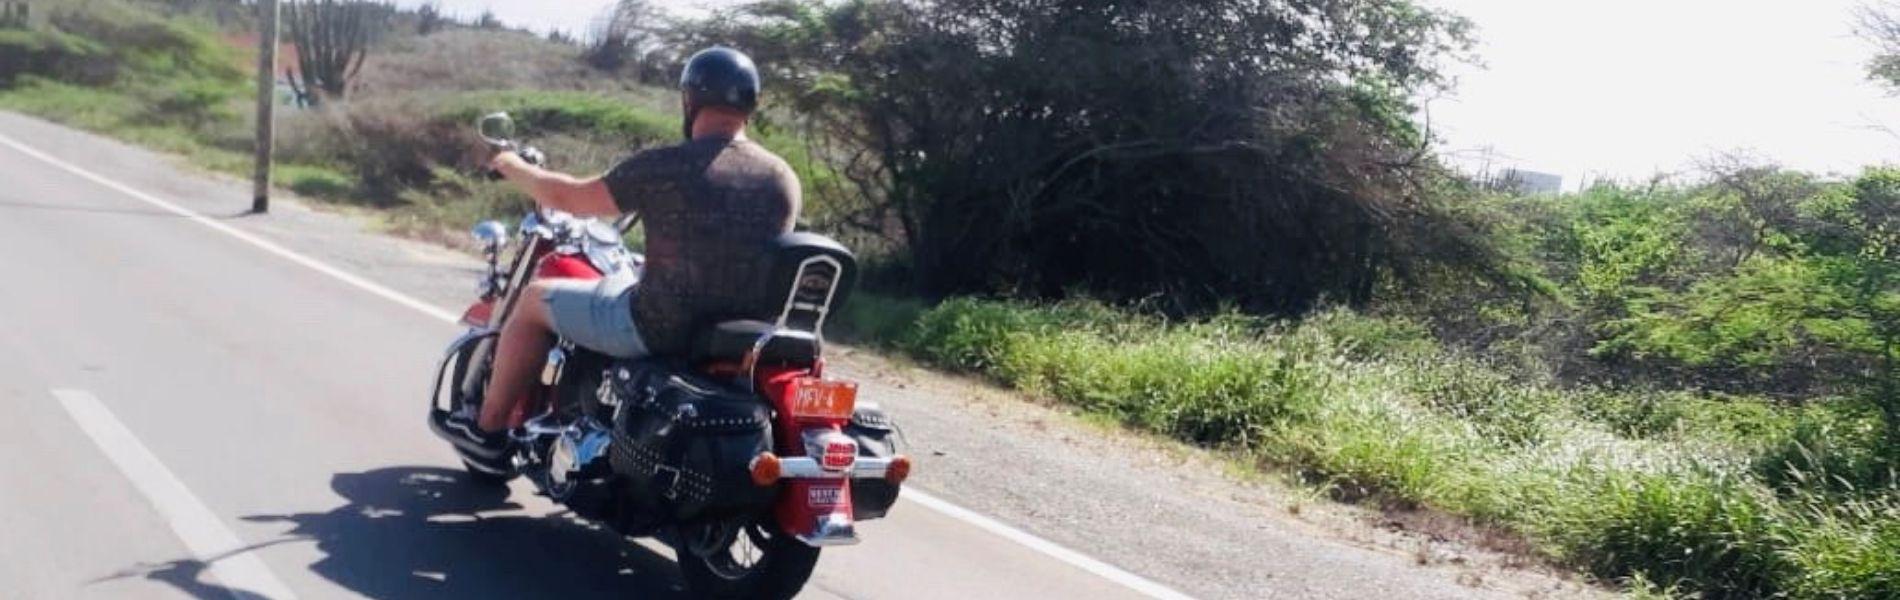 Harley Davidson rijden, kan ook op Aruba!